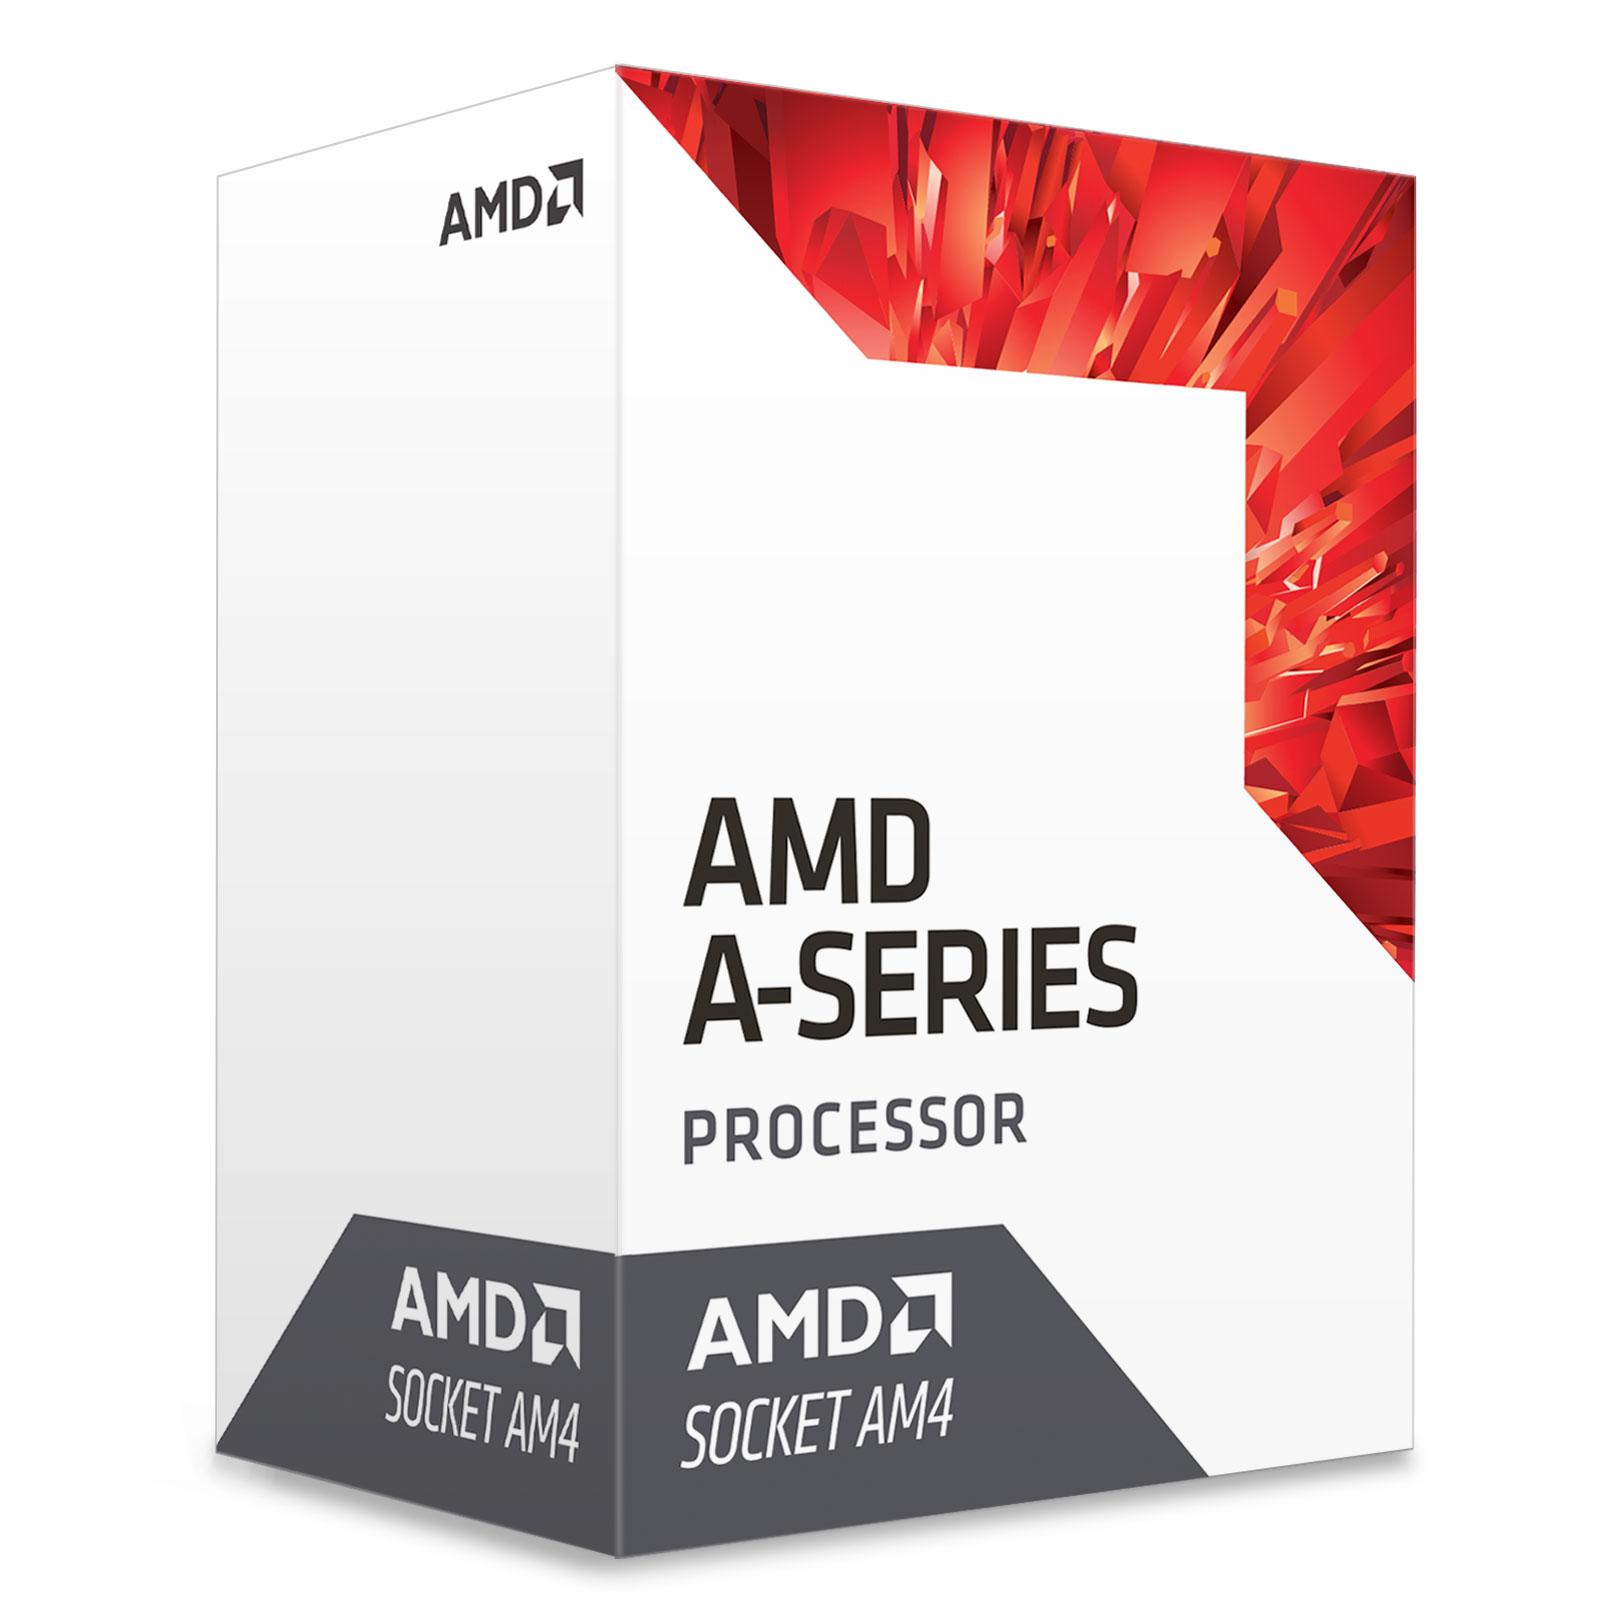 Processeur AMD A12-9800E (3.1 GHz) Processeur Quad Core socket AM4 Cache L2 2 Mo Radeon R7 0.028 micron TDP 35W (version boîte - garantie constructeur 3 ans)